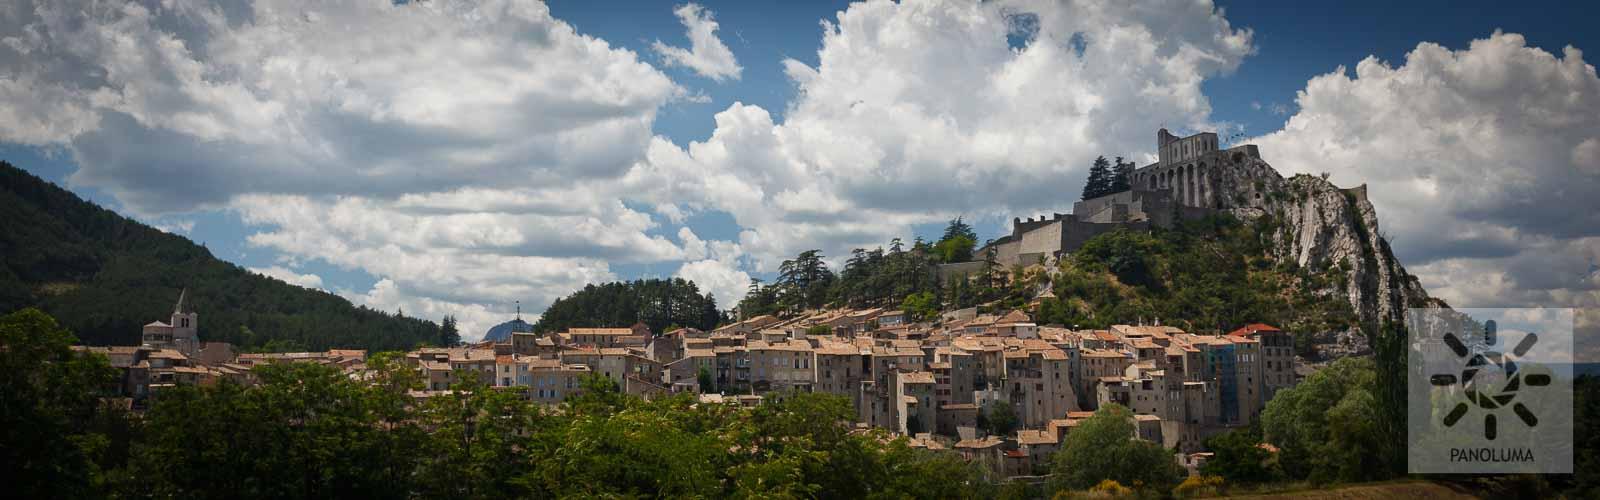 Sisteron, France